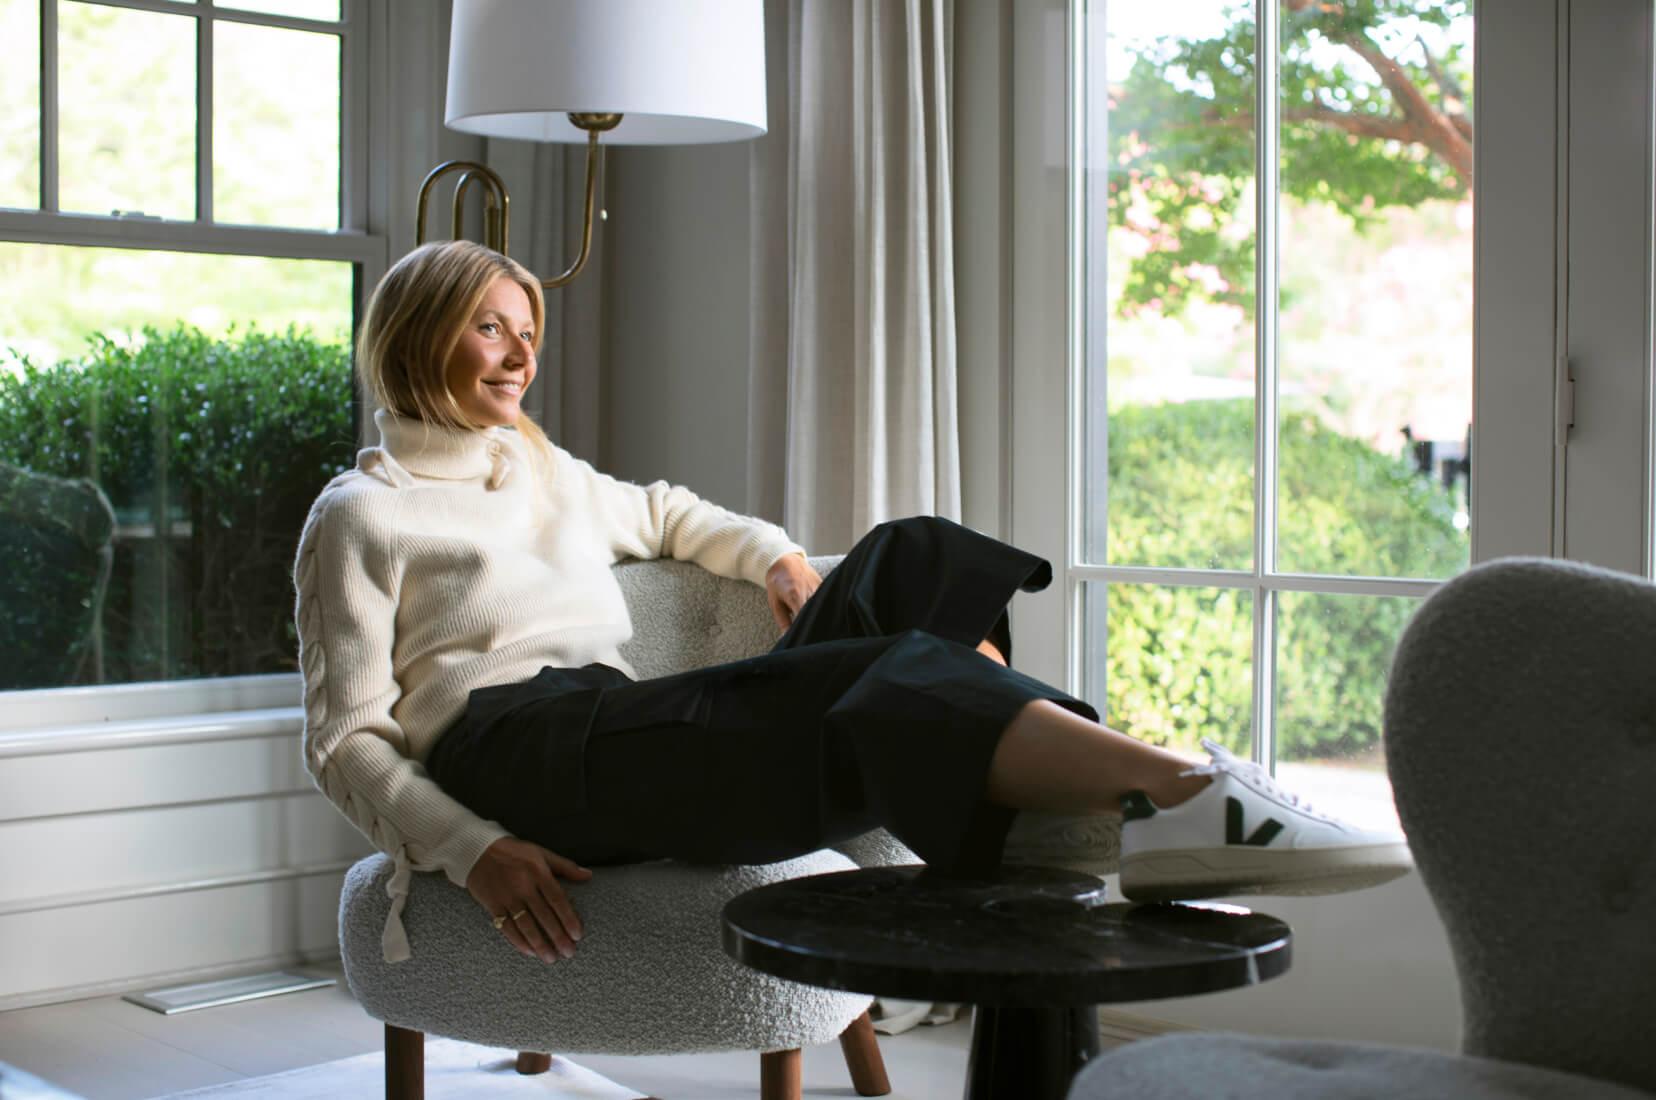 Gwyneth Paltrow posing